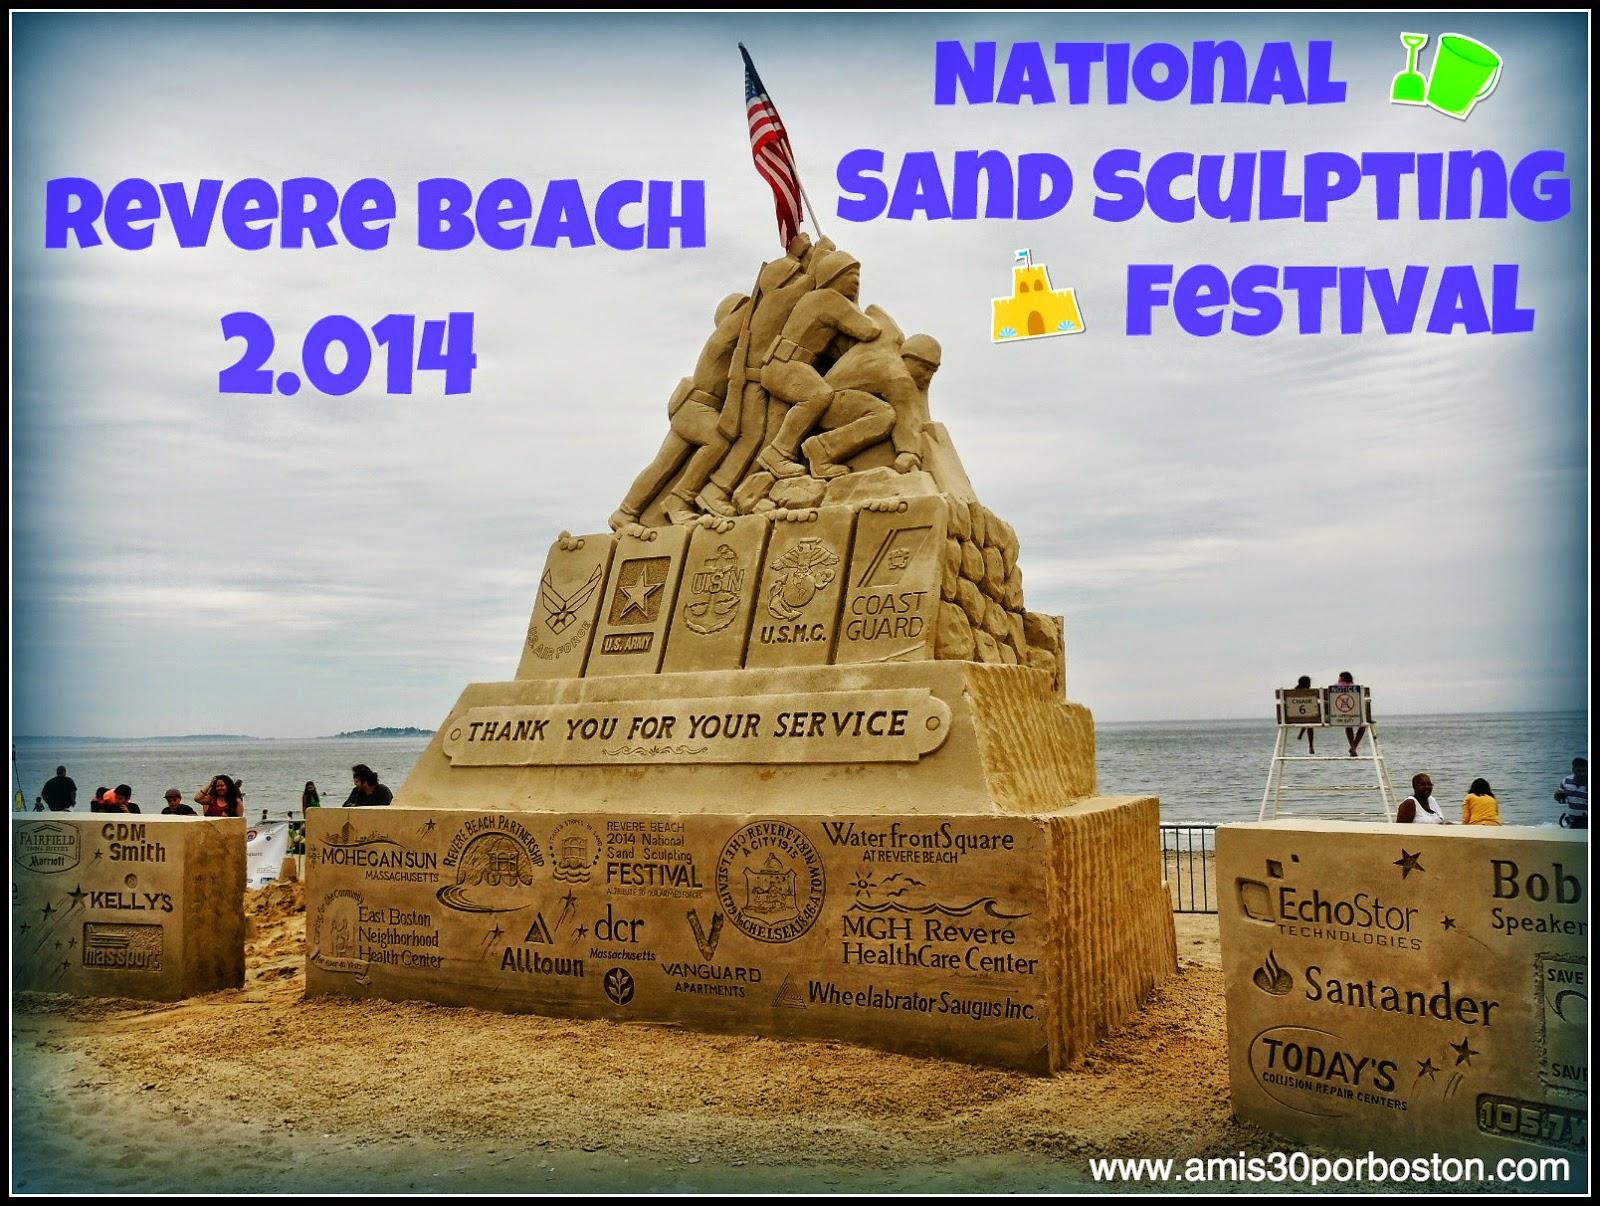 Revere Beach 2014 National Sand Sculpting Festival